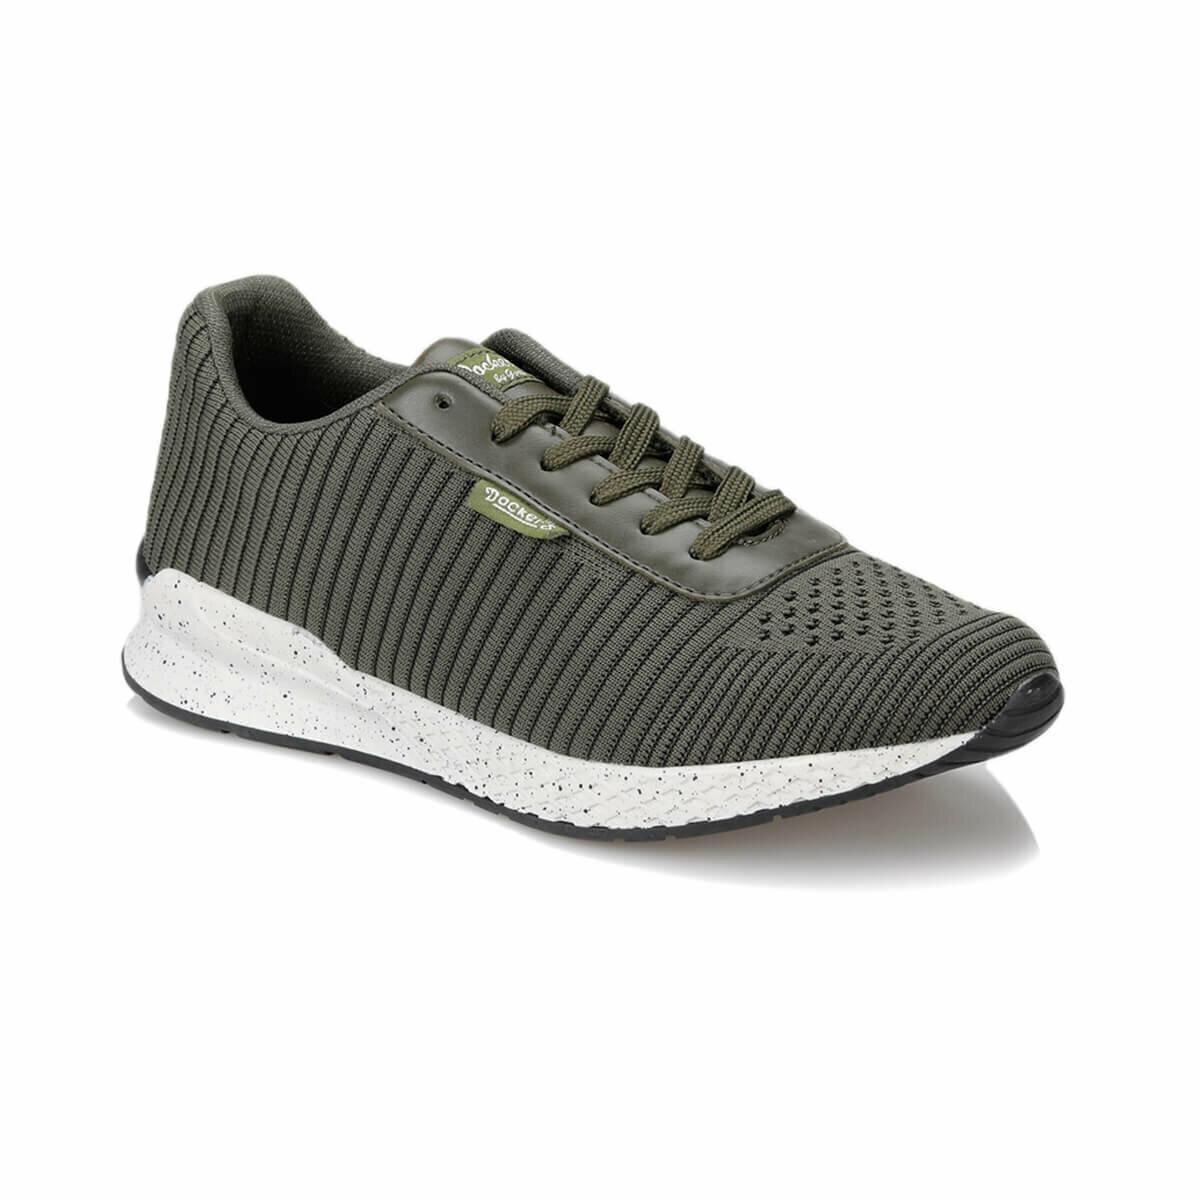 FLO 226365 Khaki Men 'S Sneaker Shoes By Dockers The Gerle